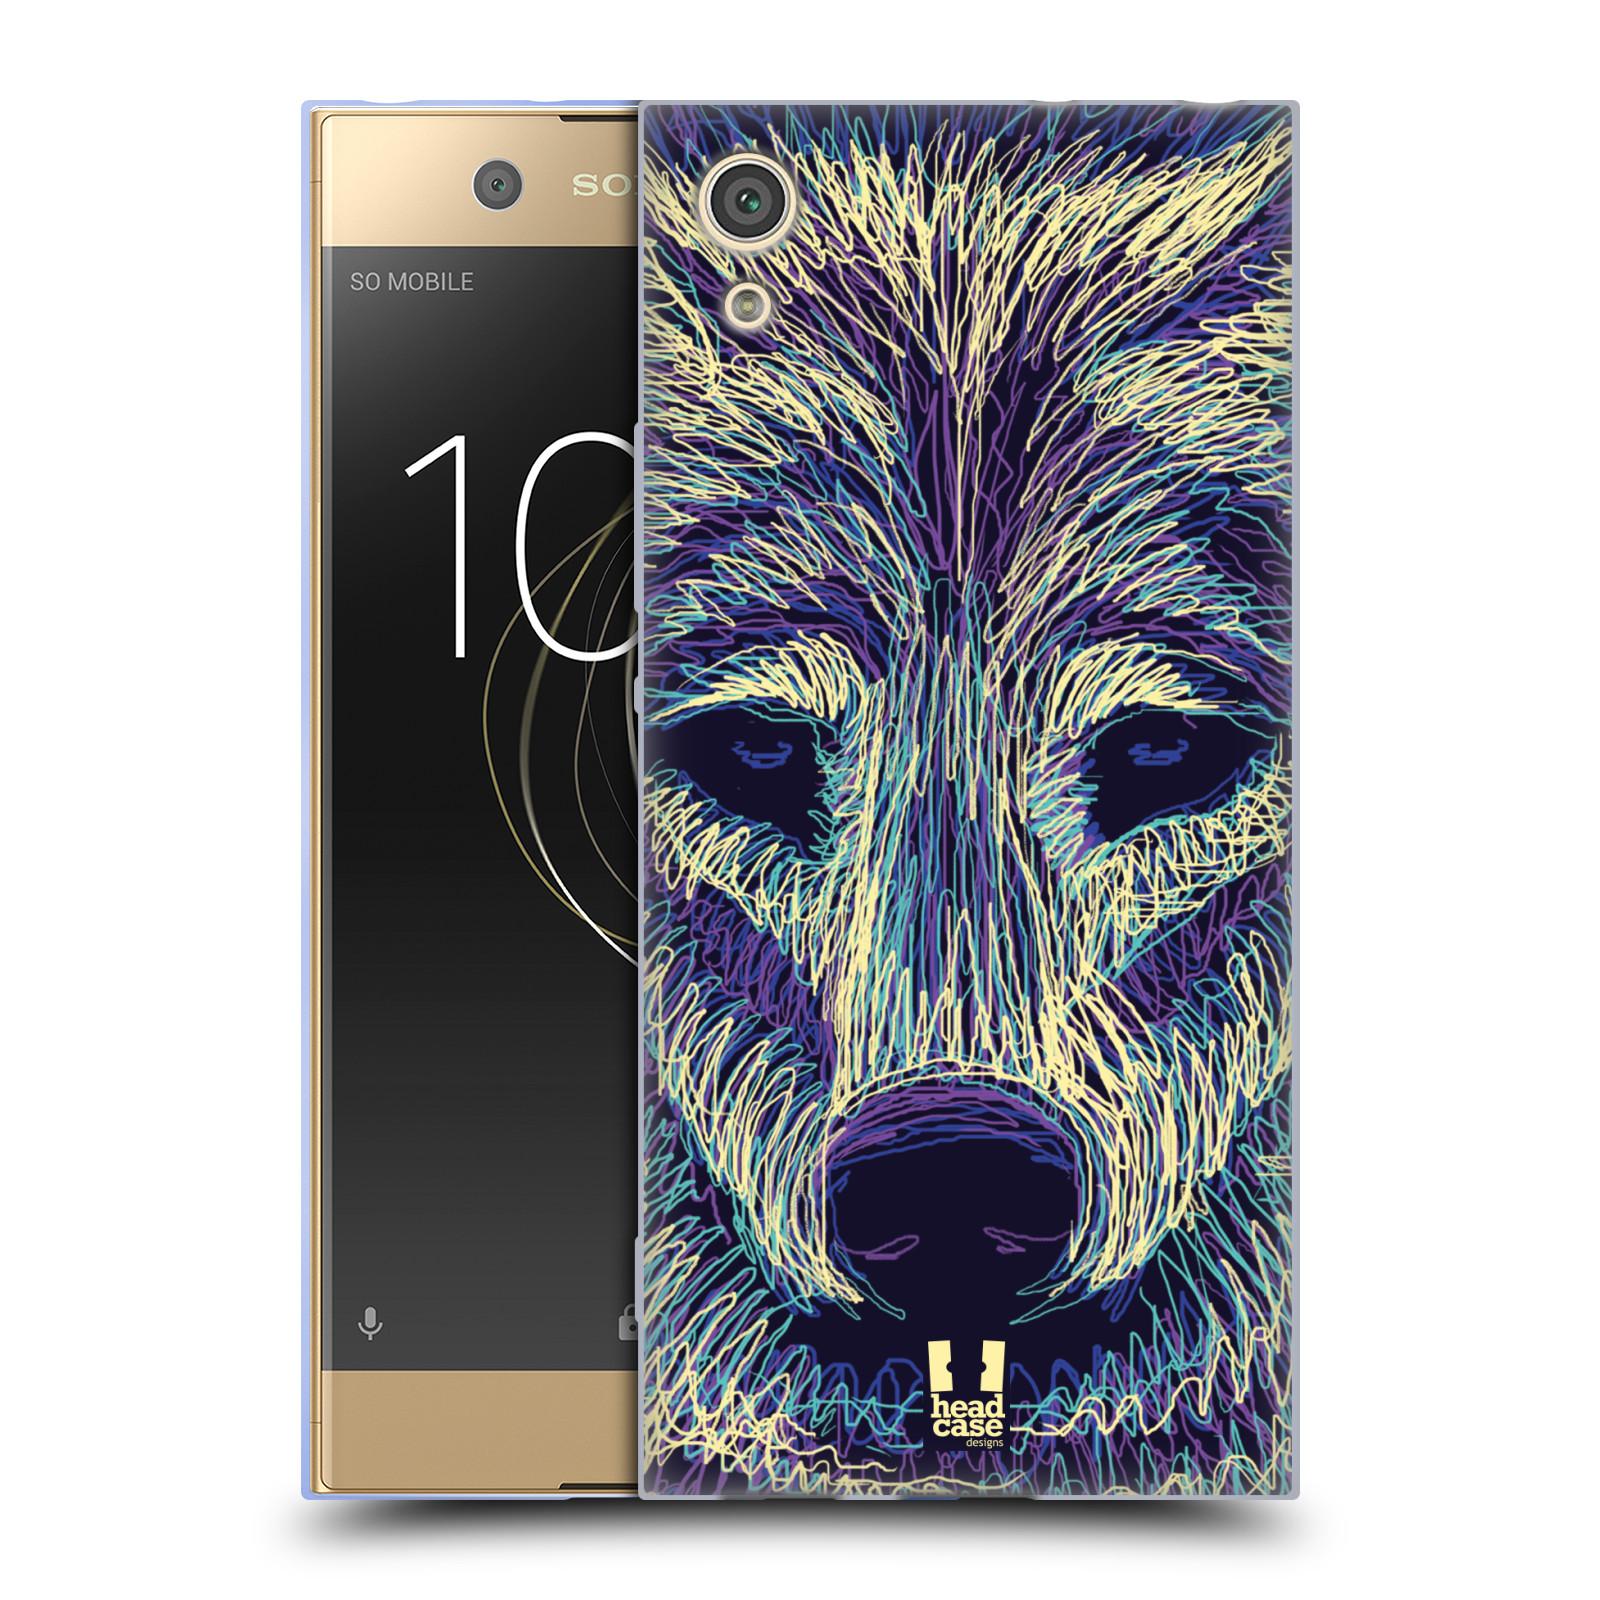 HEAD CASE silikonový obal na mobil Sony Xperia XA1 / XA1 DUAL SIM vzor zvíře čmáranice vlk